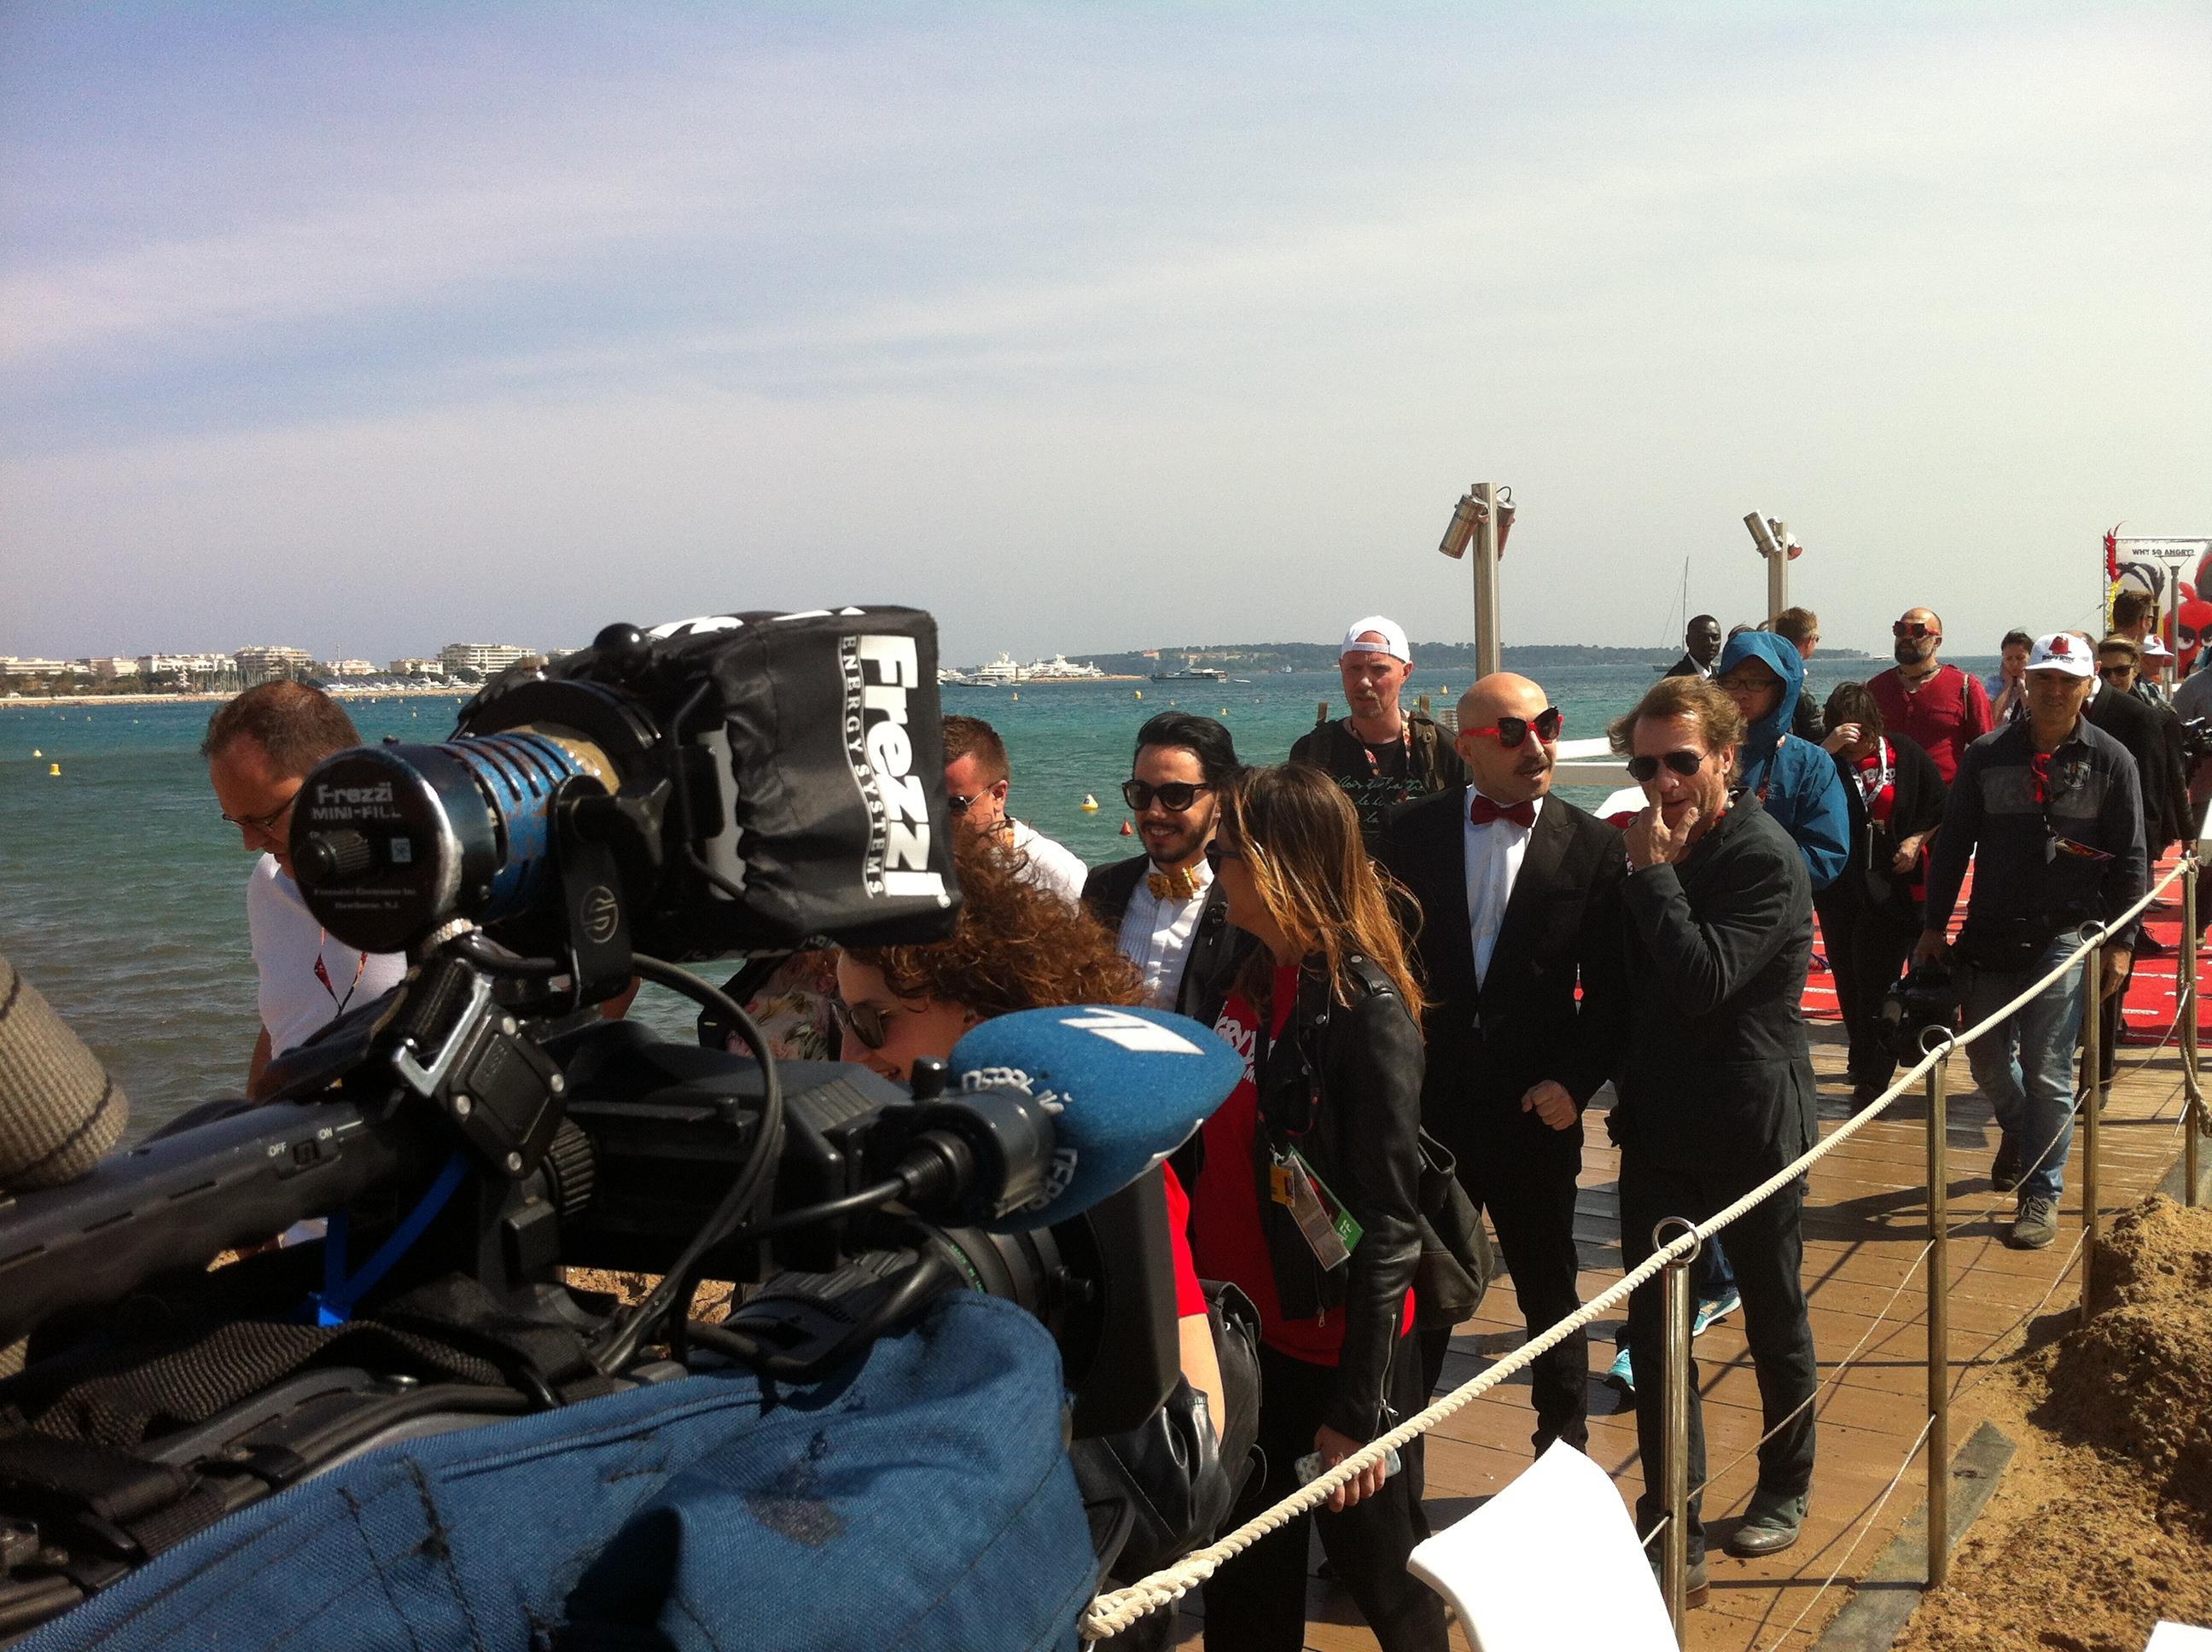 Maccio Capatonda sbarca a Cannes per promuovere Angry Birds